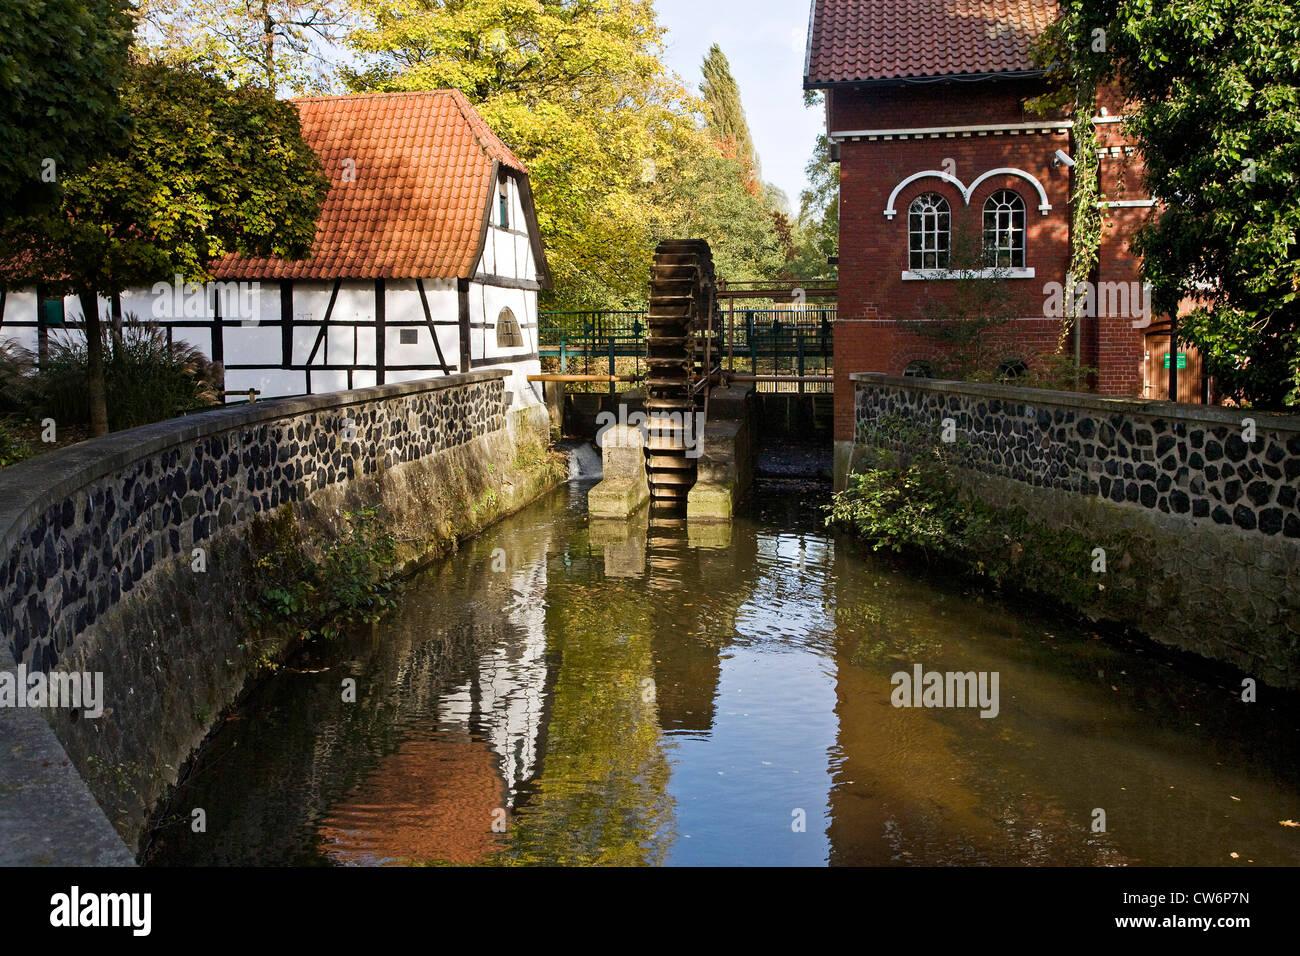 museum of mills with water mill Hiesfeld, Hiesfelder Wassermuehle , Germany, North Rhine-Westphalia, Ruhr Area, - Stock Image